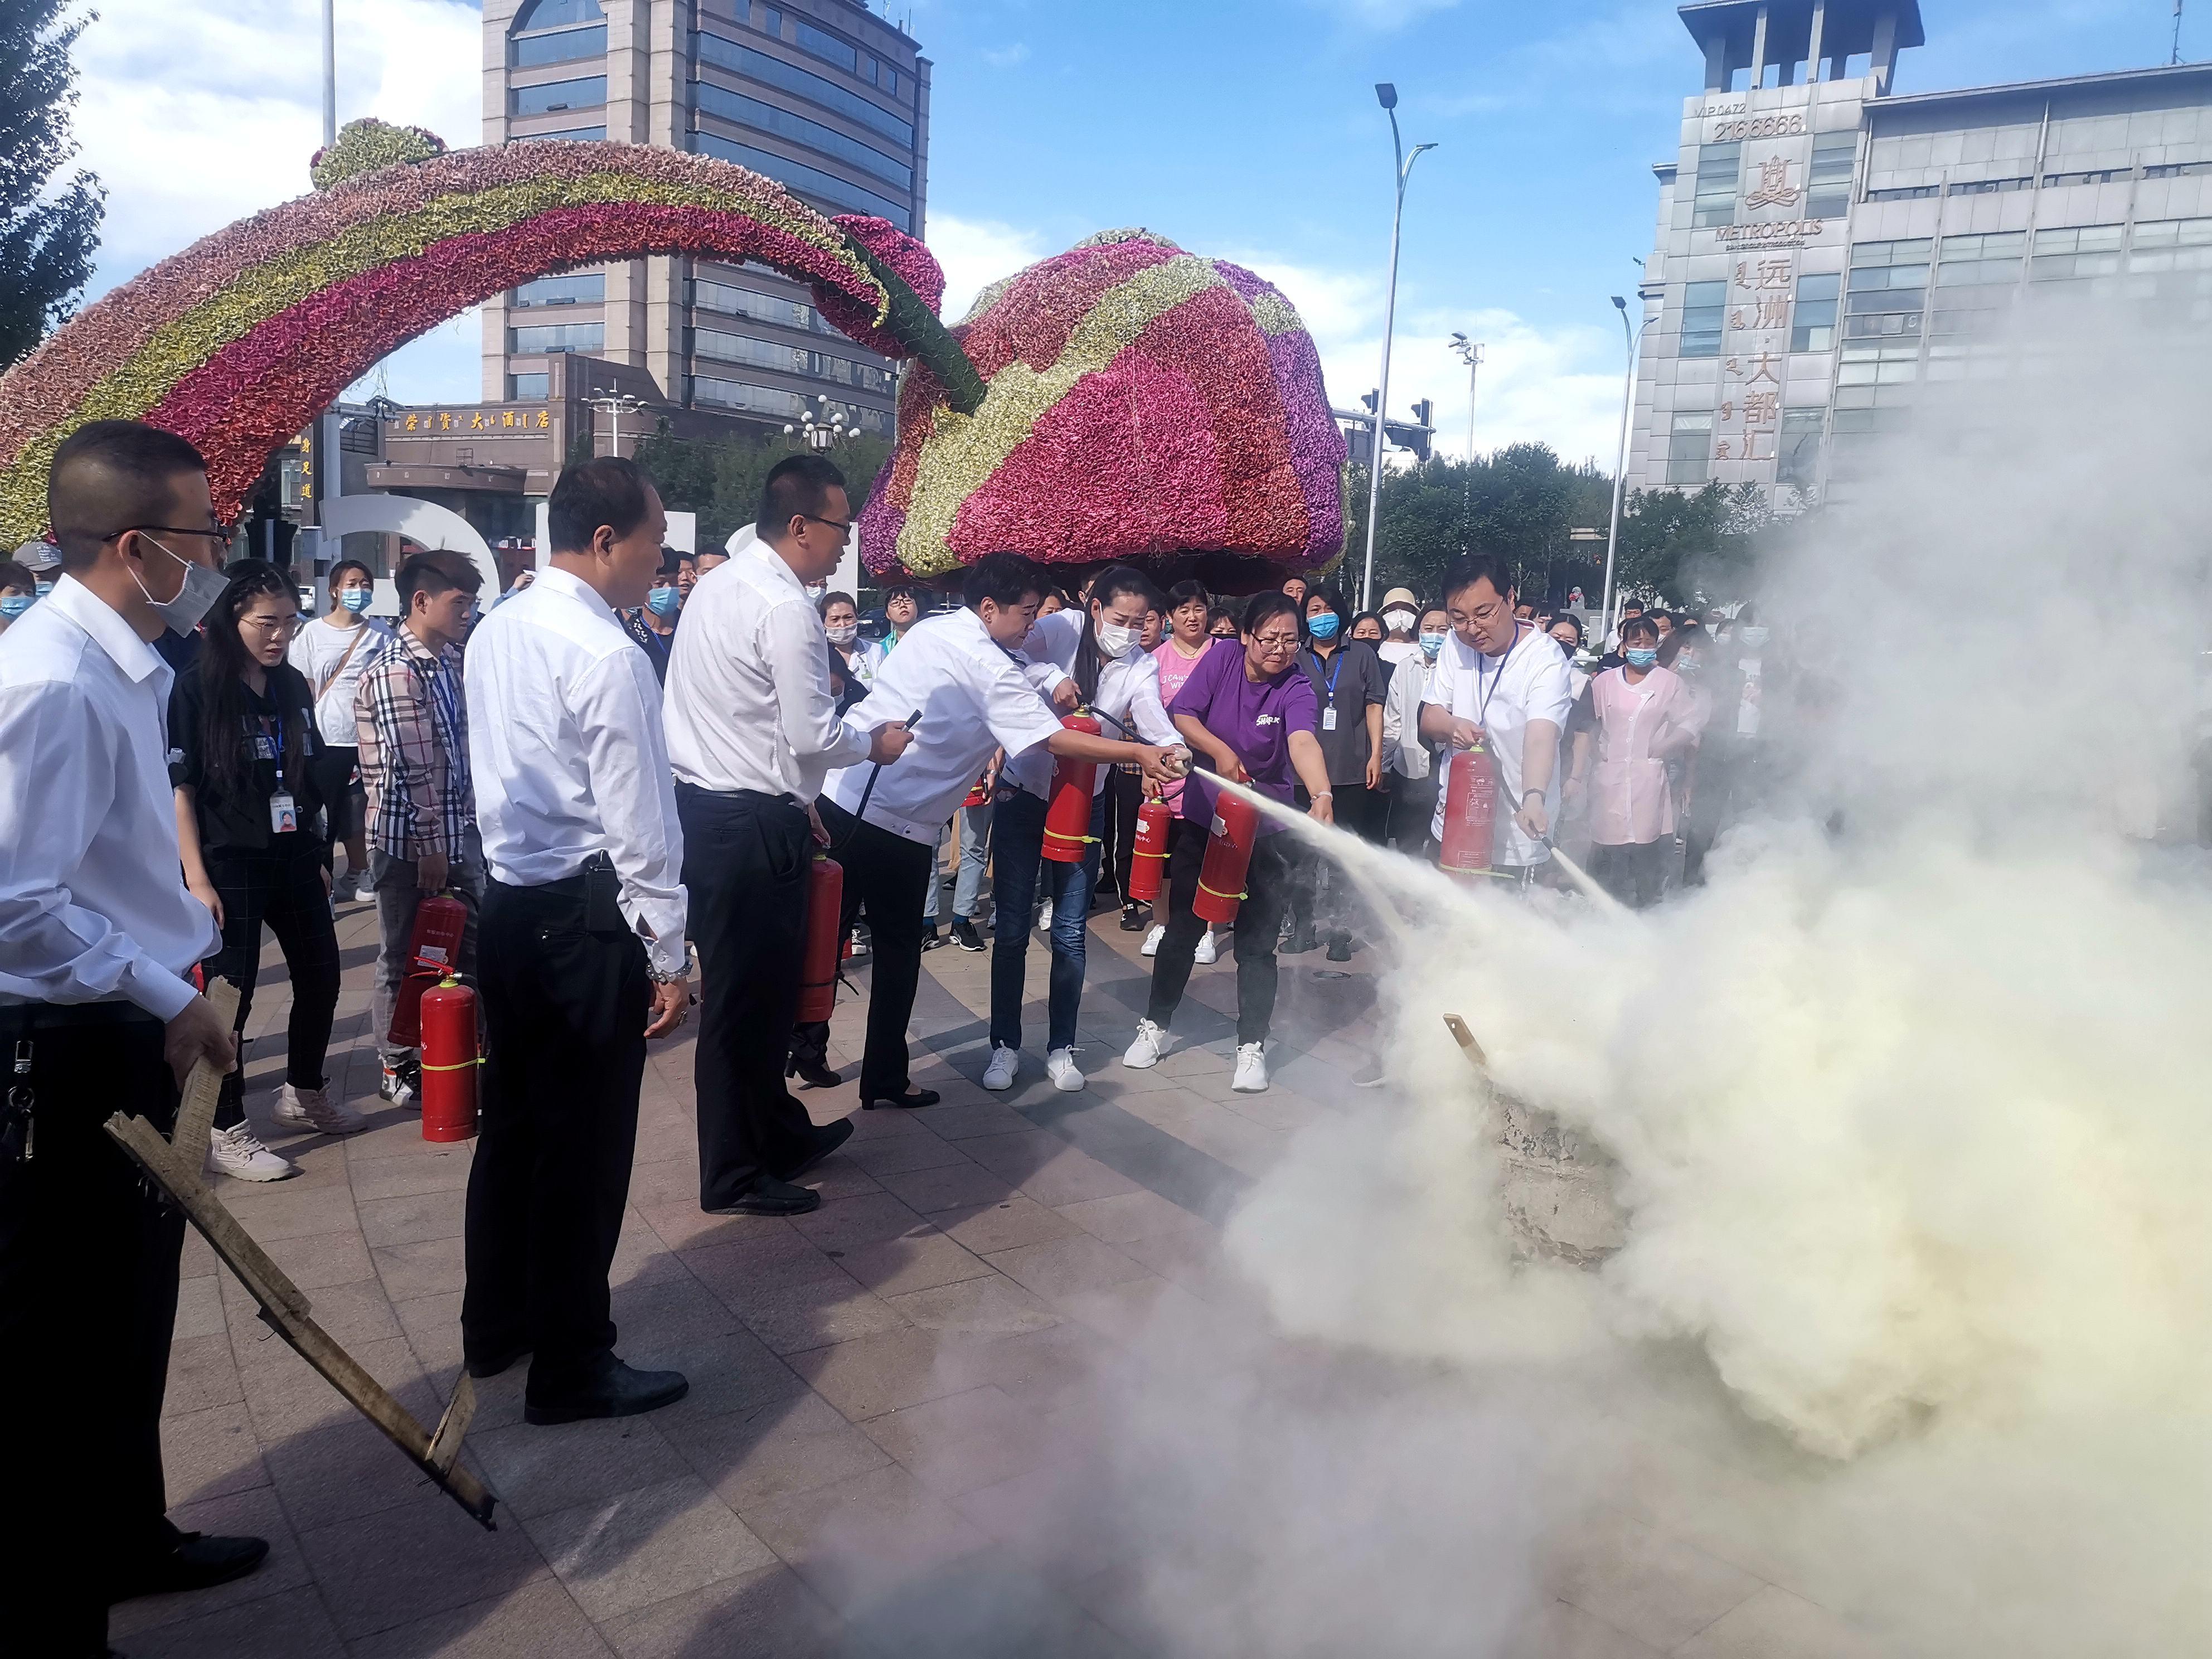 政安包头分中心、华联购物中心、包头市消防支队联合开展消防演练活动